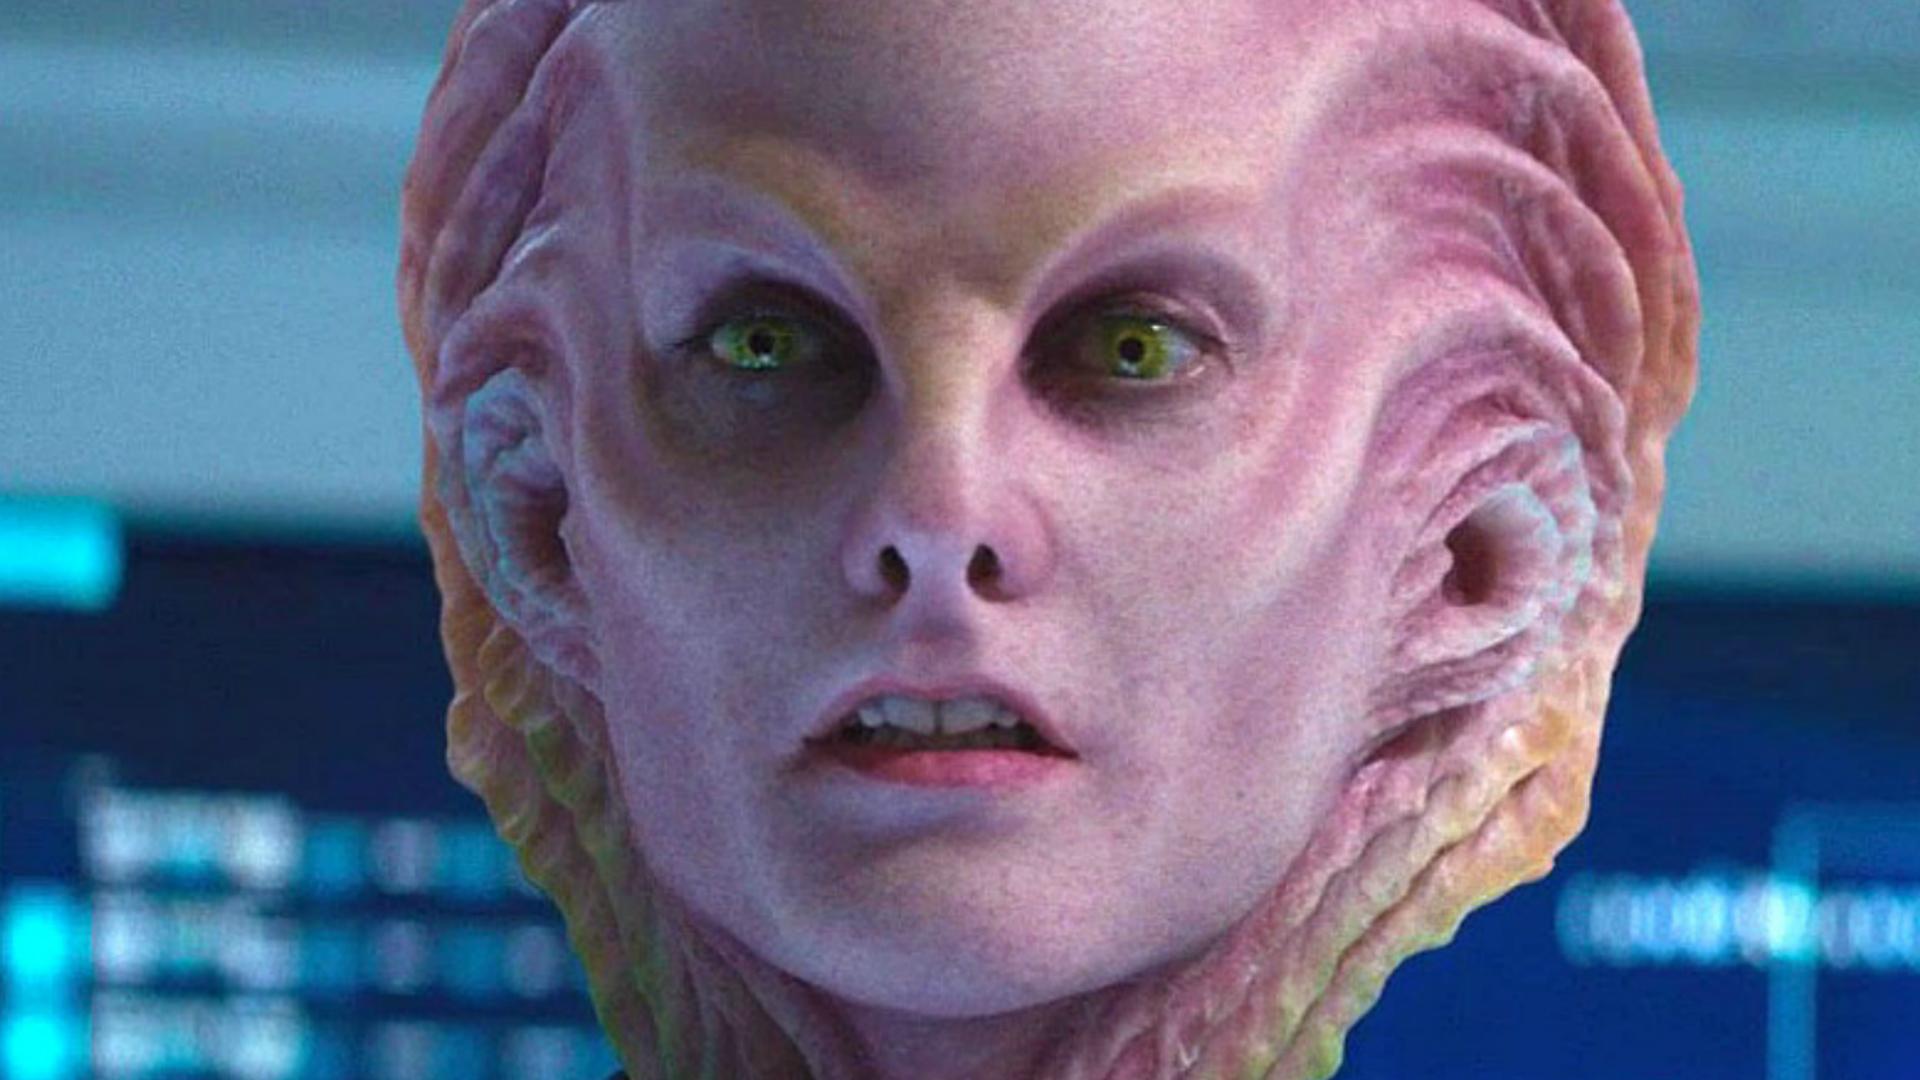 Star Trek Beyond first trailer hits a little forced